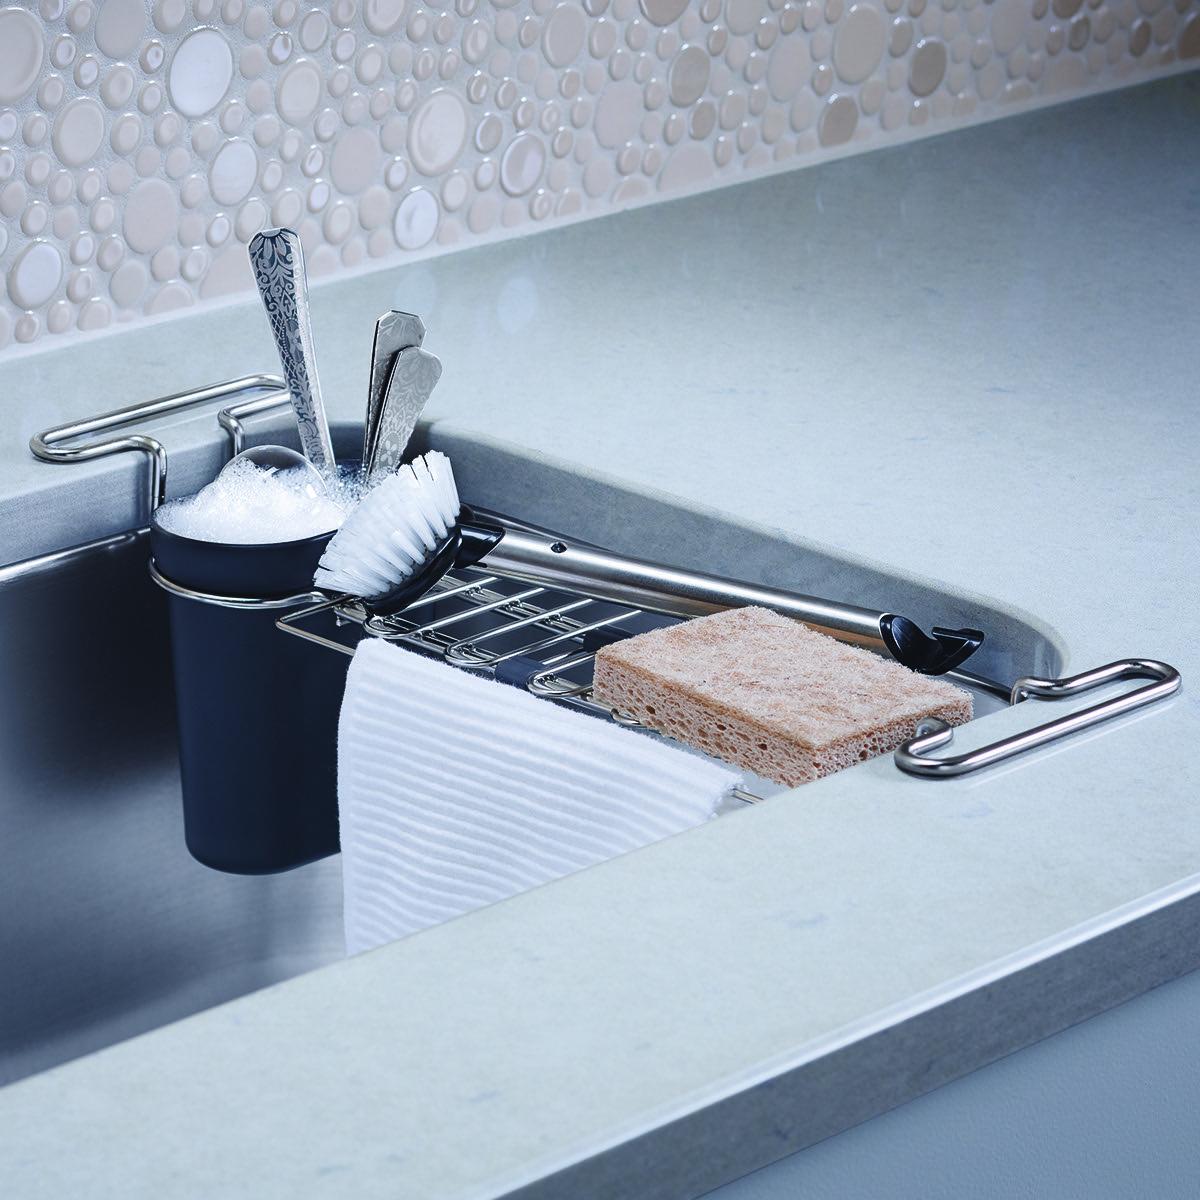 Kohler Chrome Kitchen Sink Utility Rack | The real house | Pinterest ...